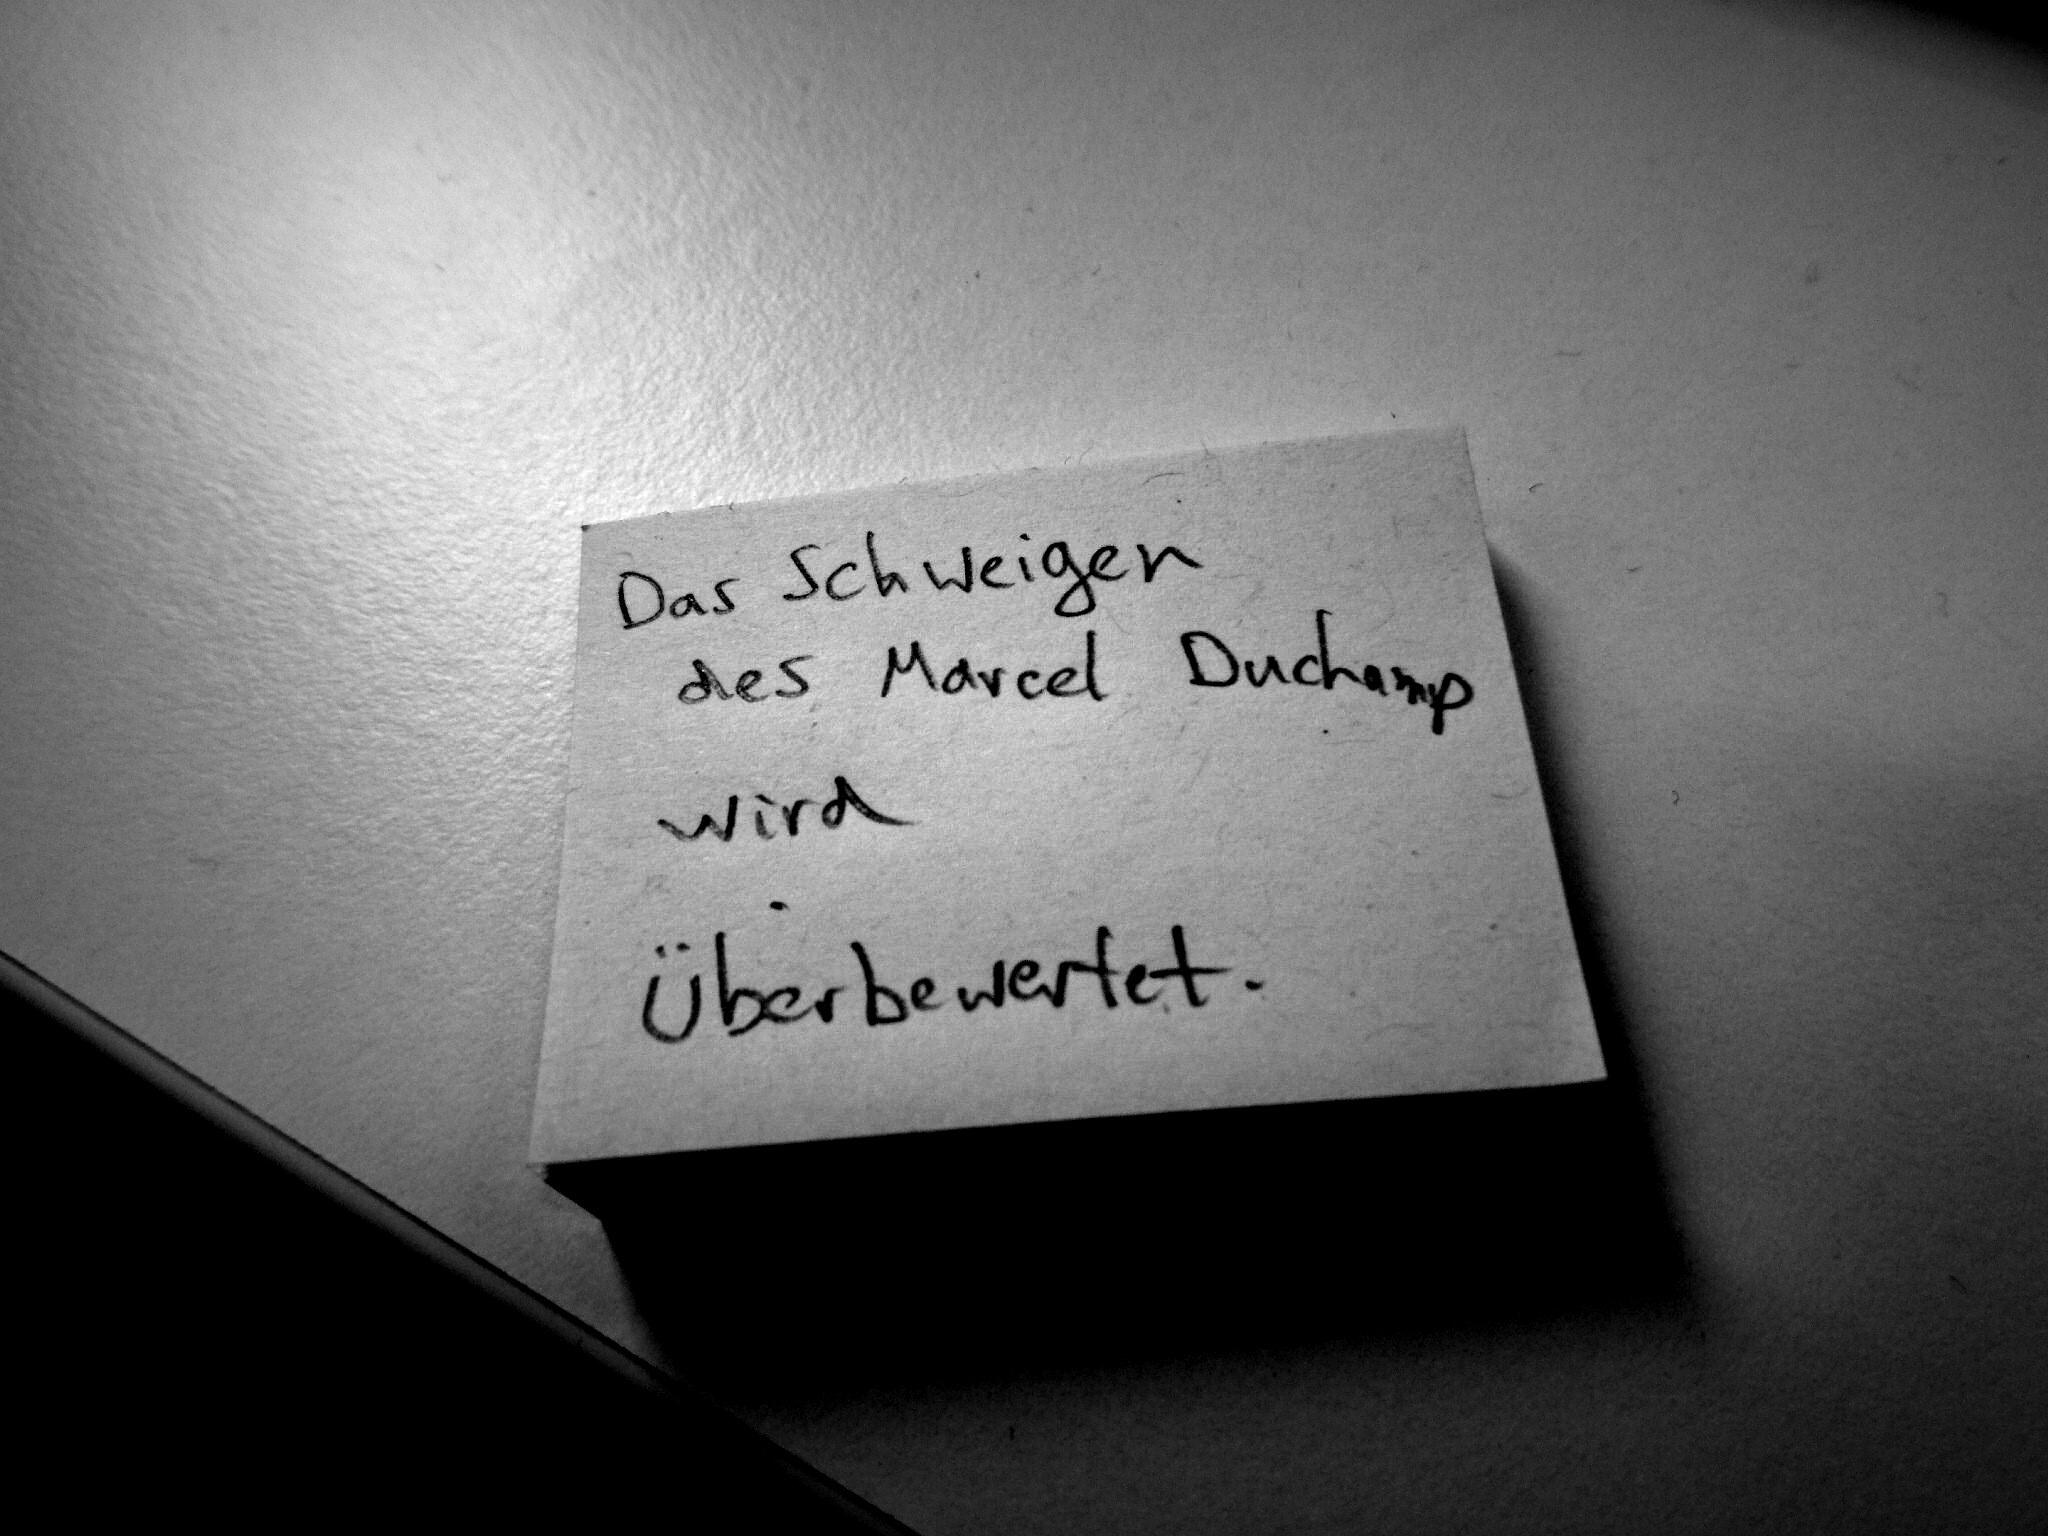 Eine Nachbildung wg. Urheberrechte. Hier finden Sie das Original: http://www.eiskellerberg.tv/allgemein-artikeldetail-txt/items/kein-sieg-fuer-die-kunst.html